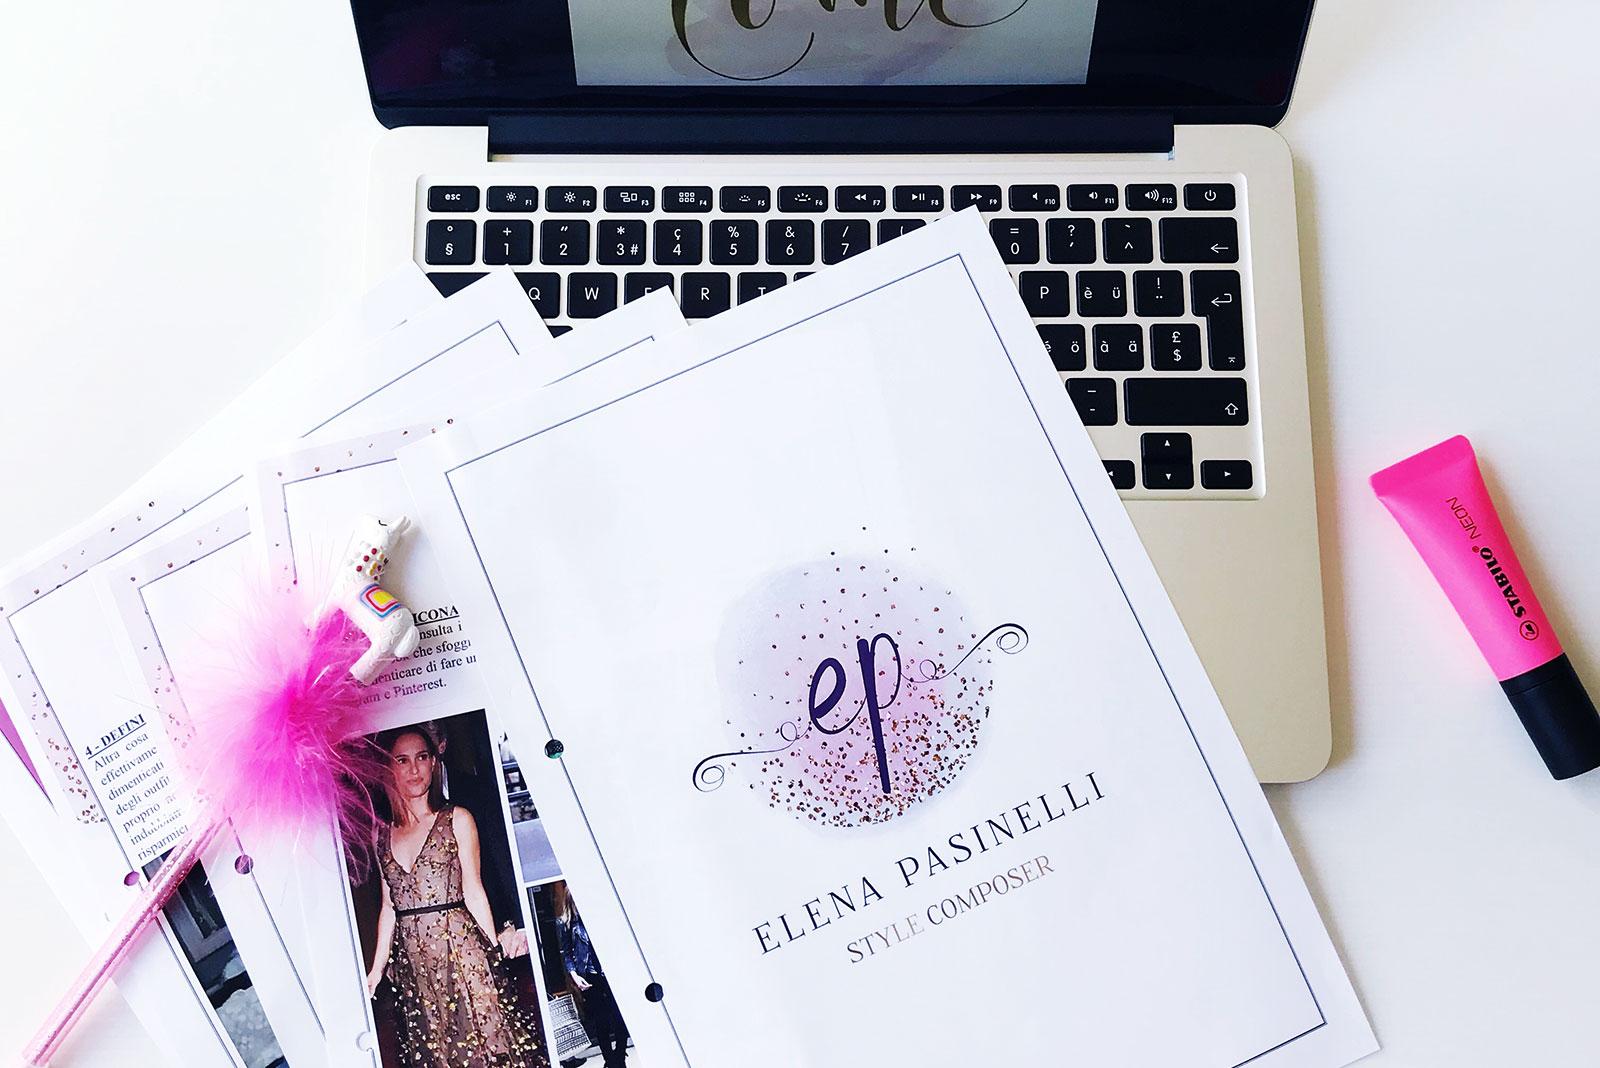 Risorse gratuite - Elena Pasinelli Consulente d'immagine a Milano